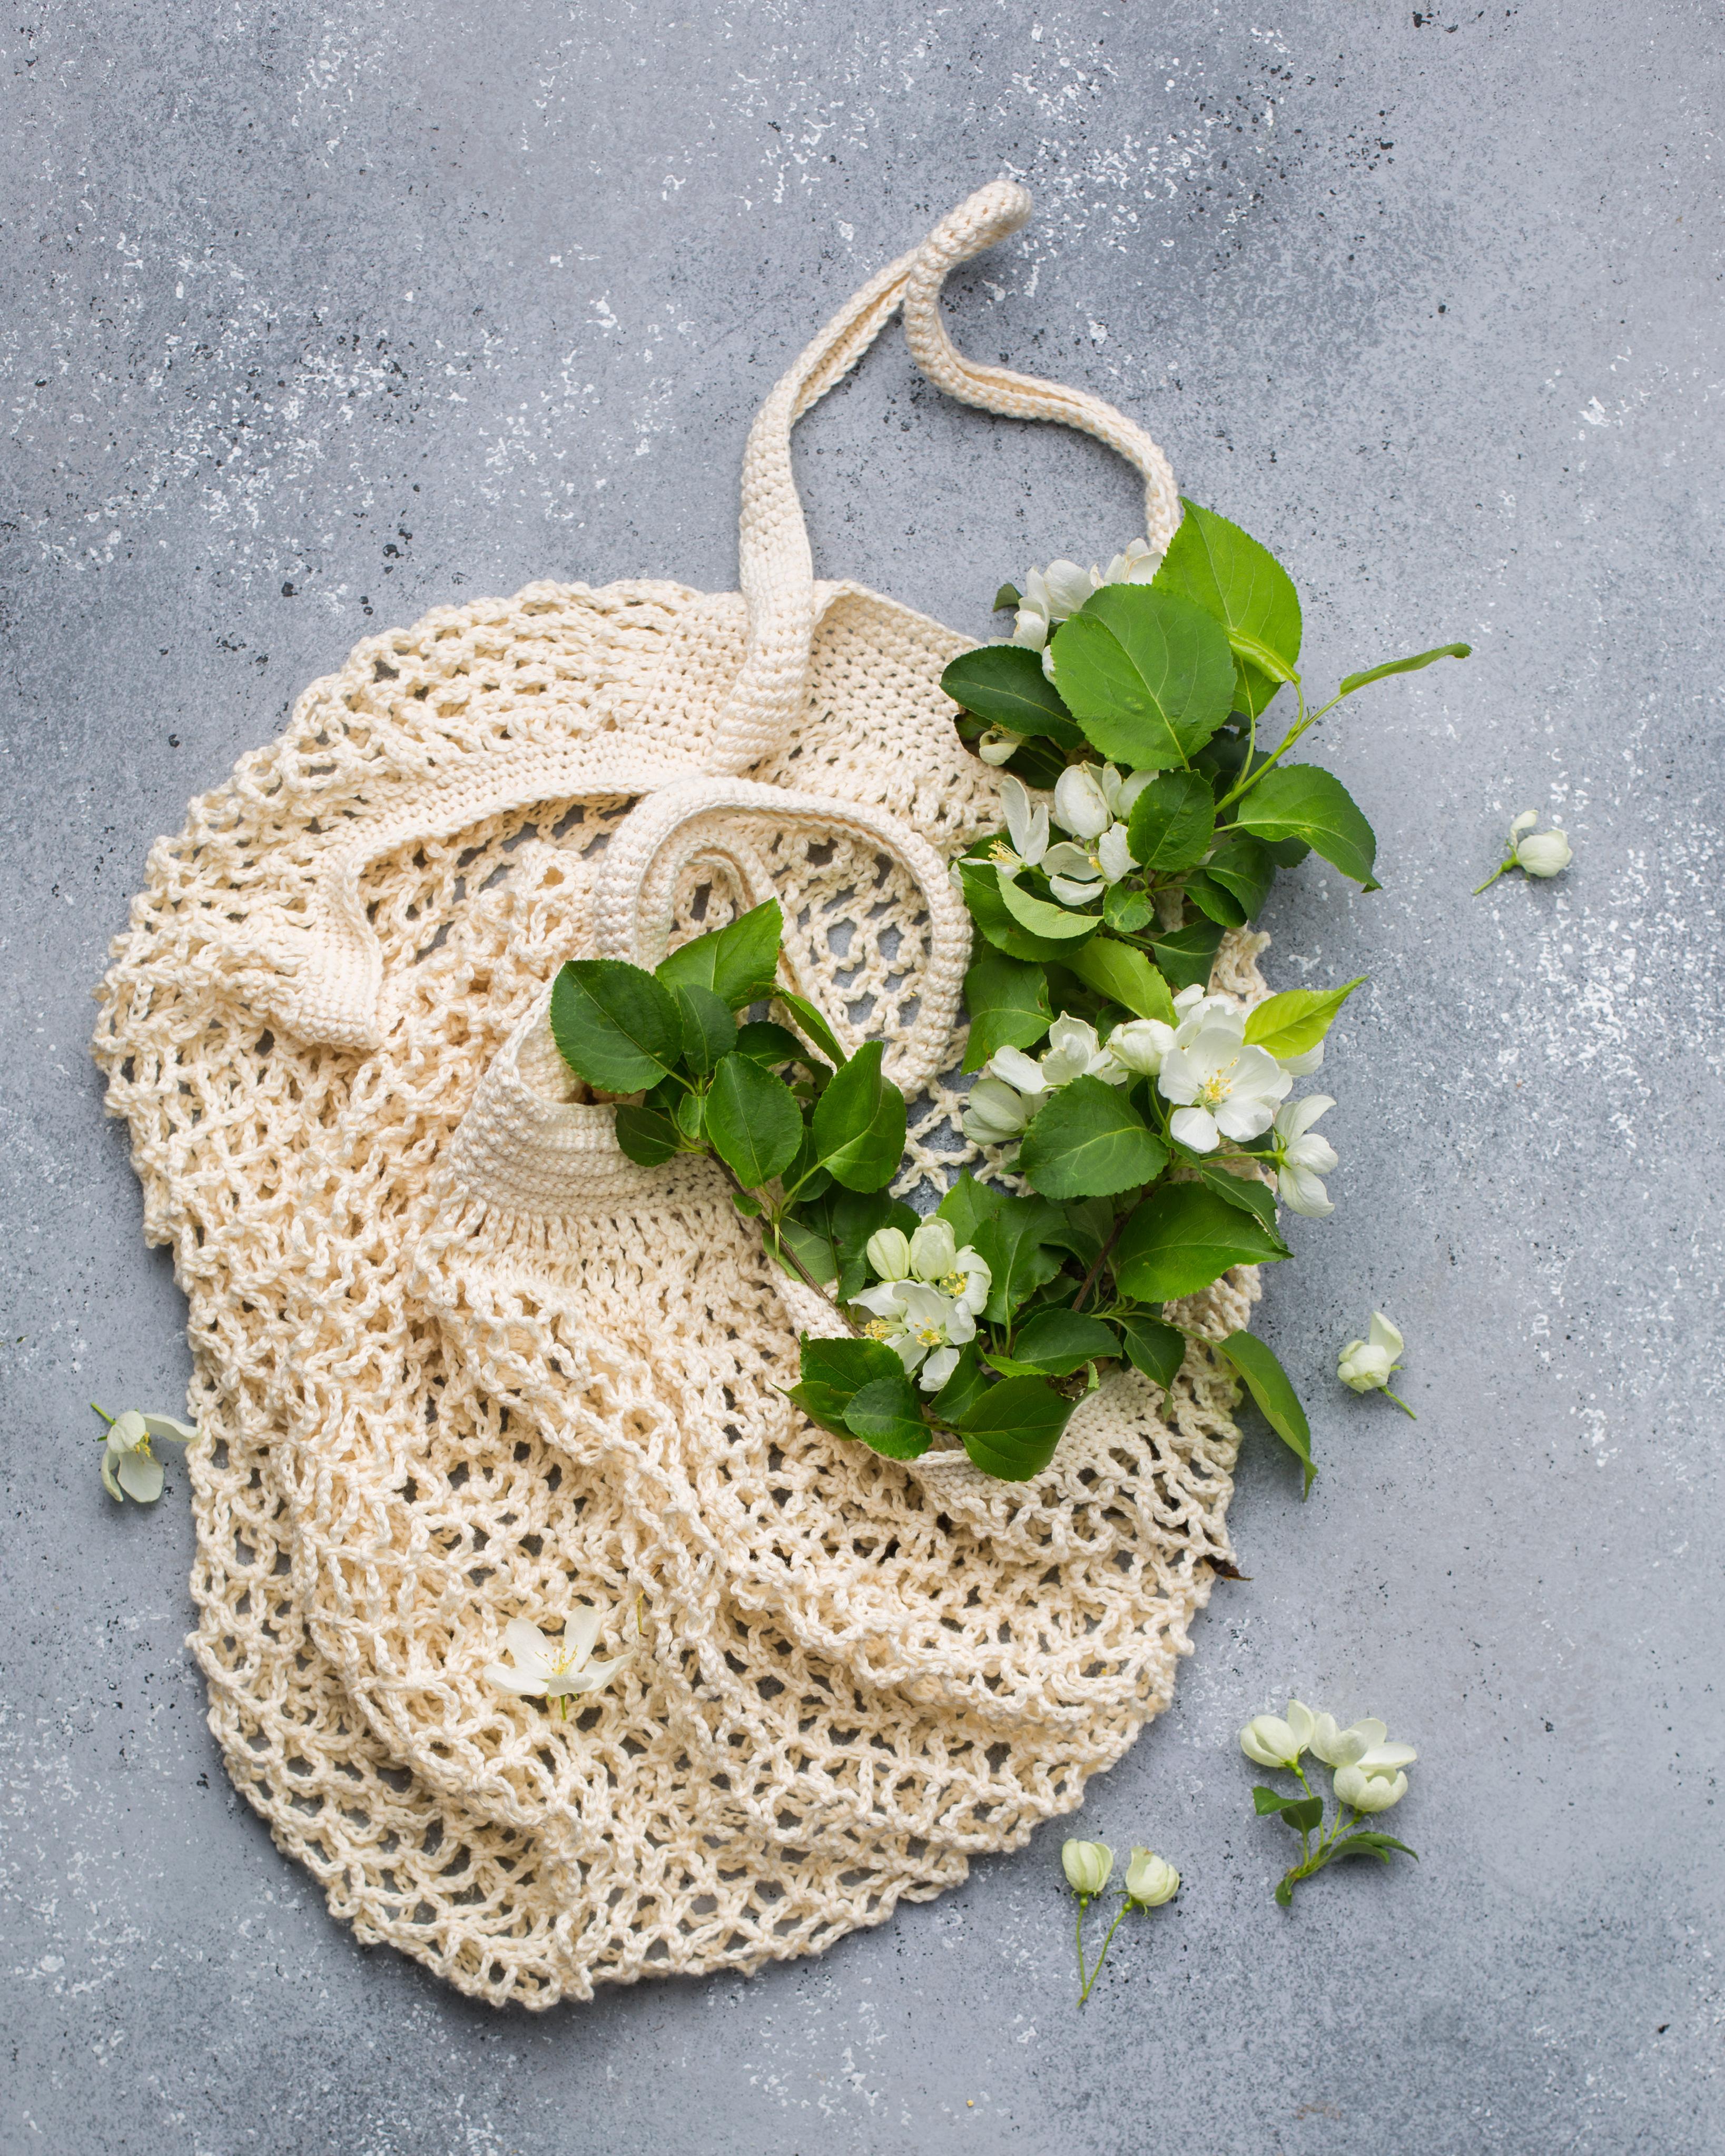 White Petaled Flowers on a Beige Net Bag